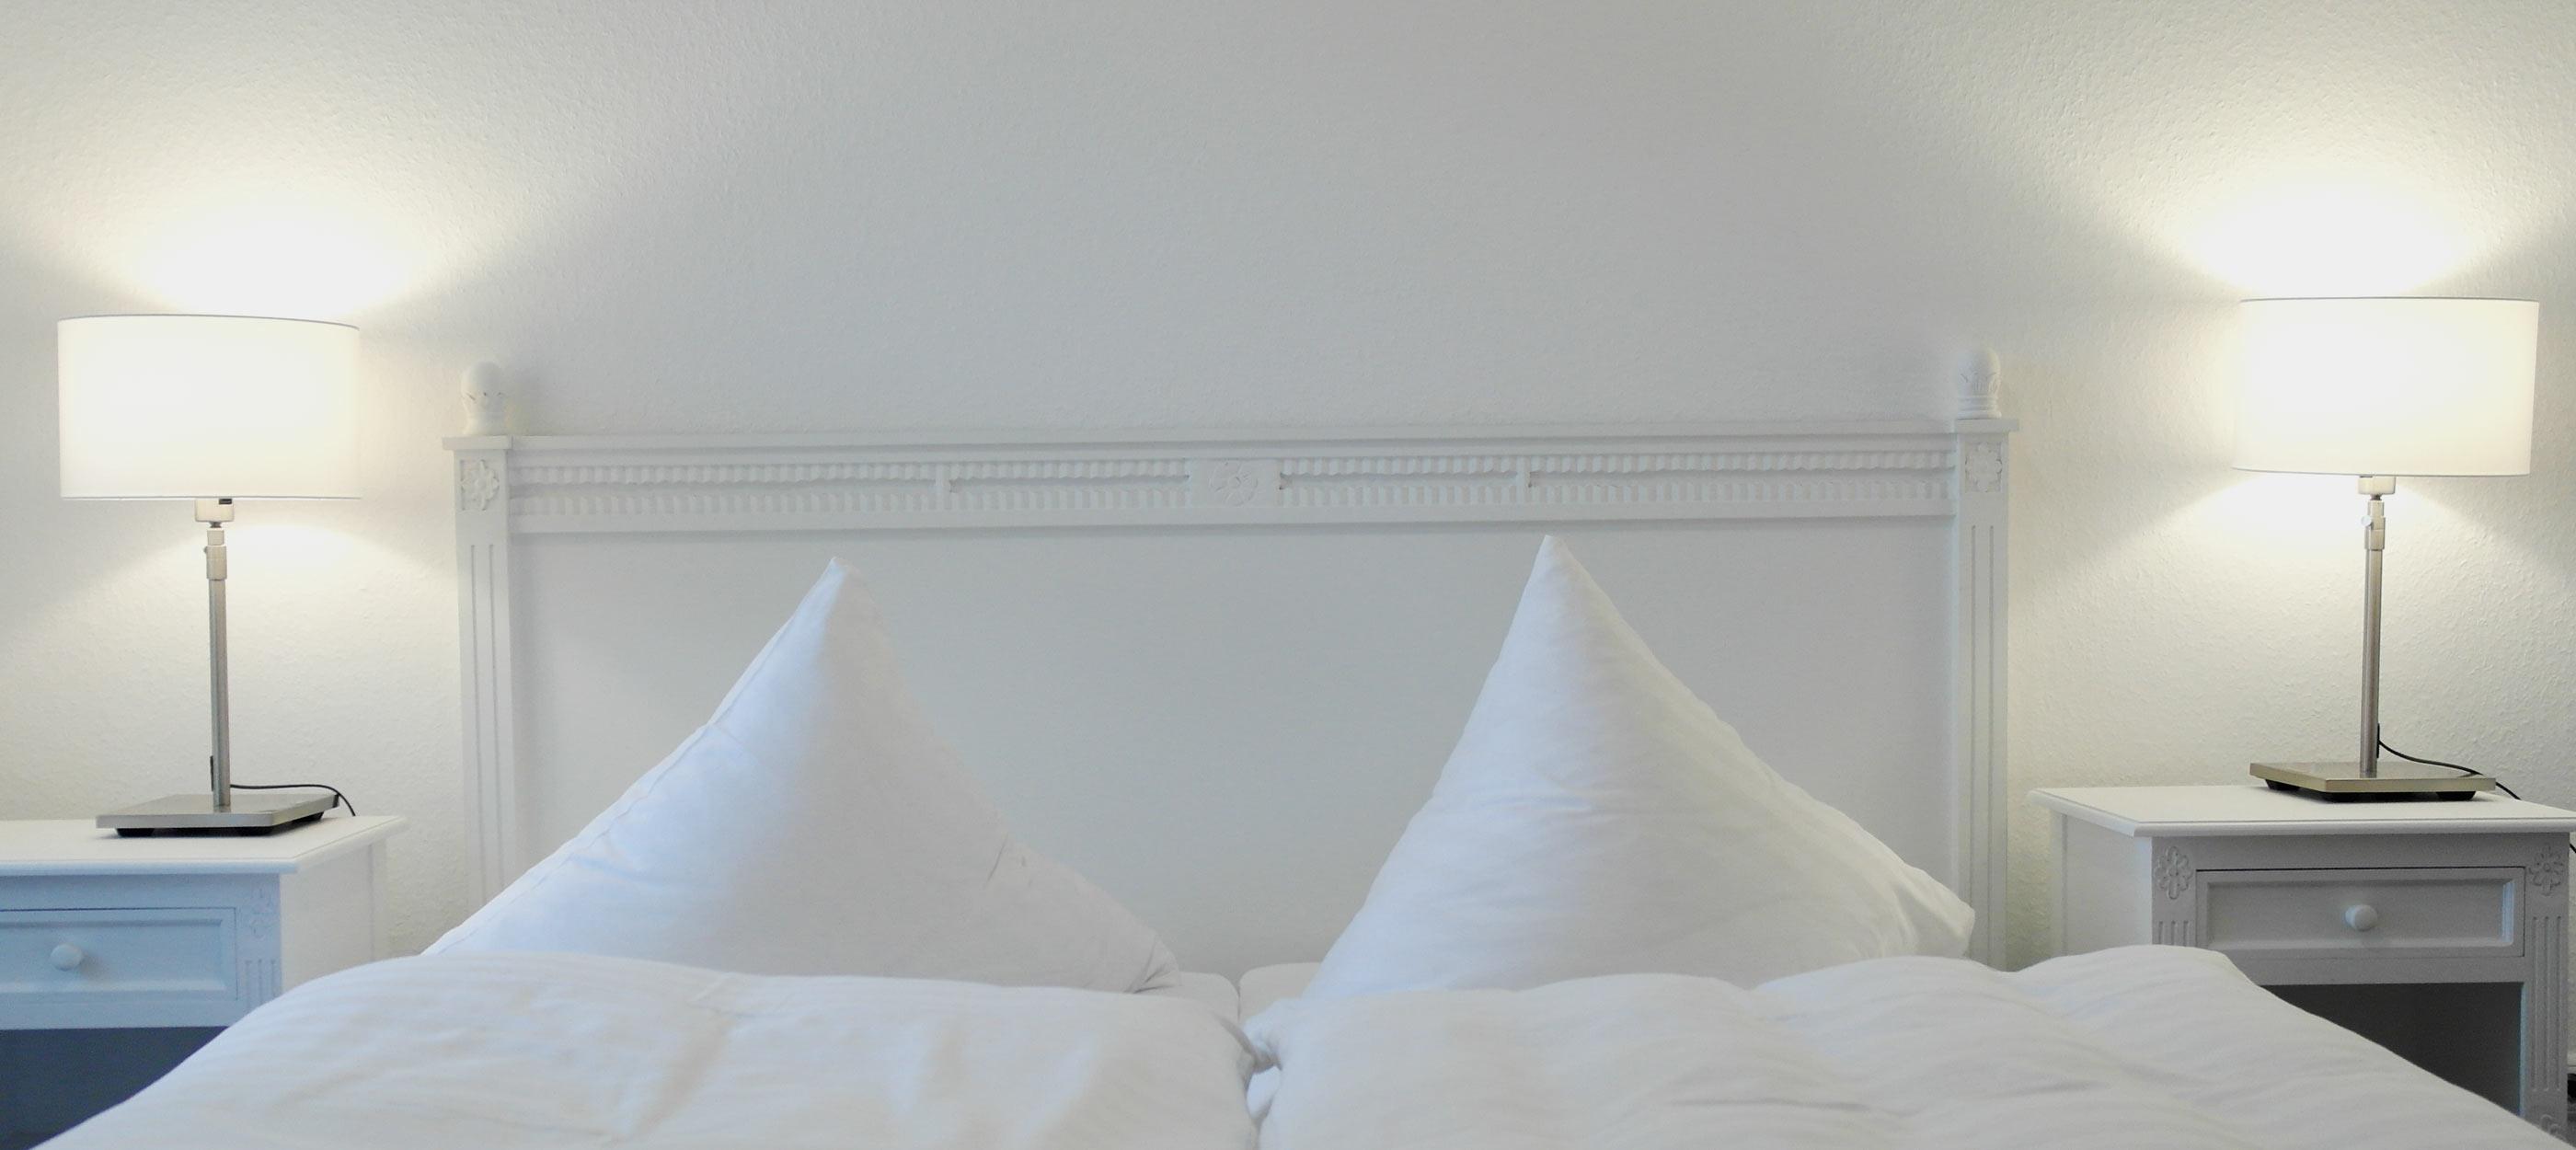 ferienhaus-deluxe-2xl-nordisch-schlafen